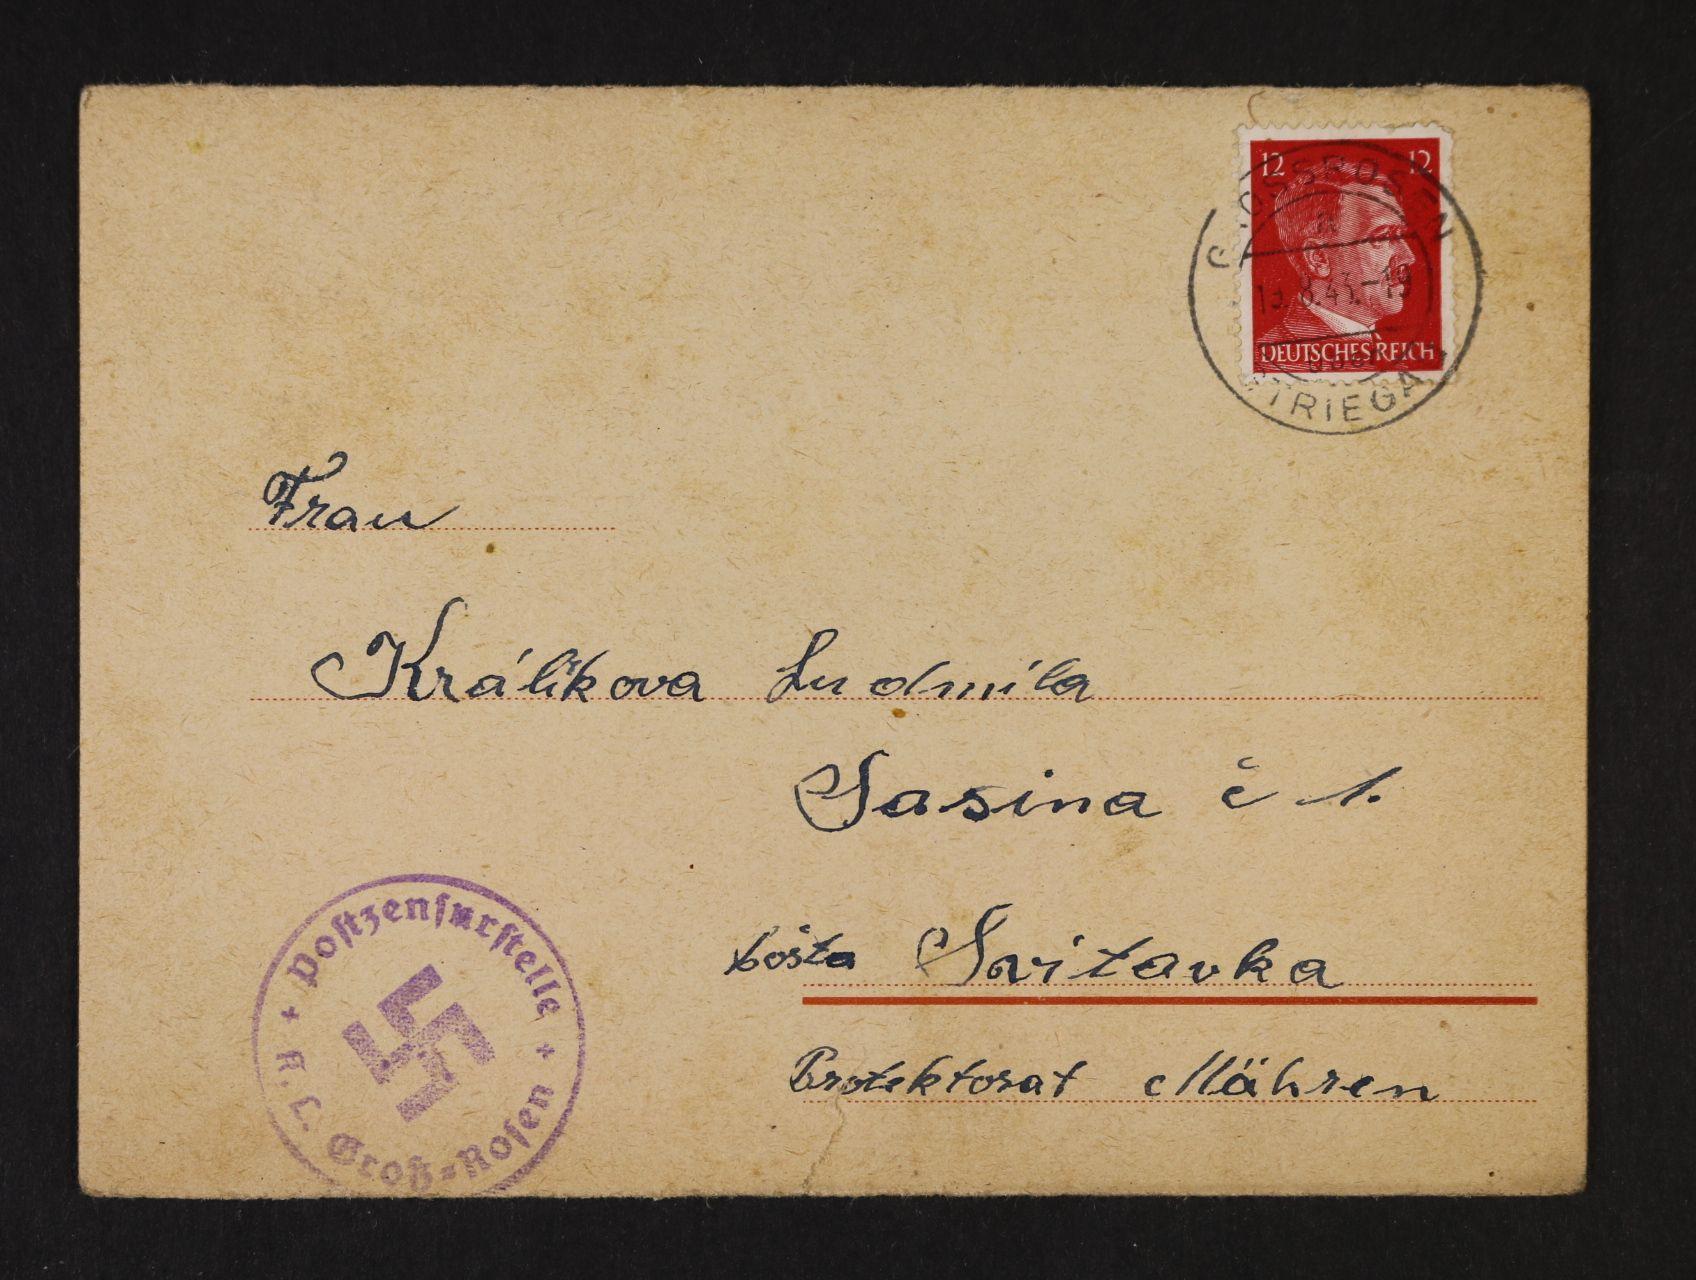 Grossrosen - skl. oficiální formulář frank. zn. 12pf A.H., pod. raz. GROSSROSEN STRIEGAU 15.8.43 + cenzurní raz., velmi dobrá kvalita